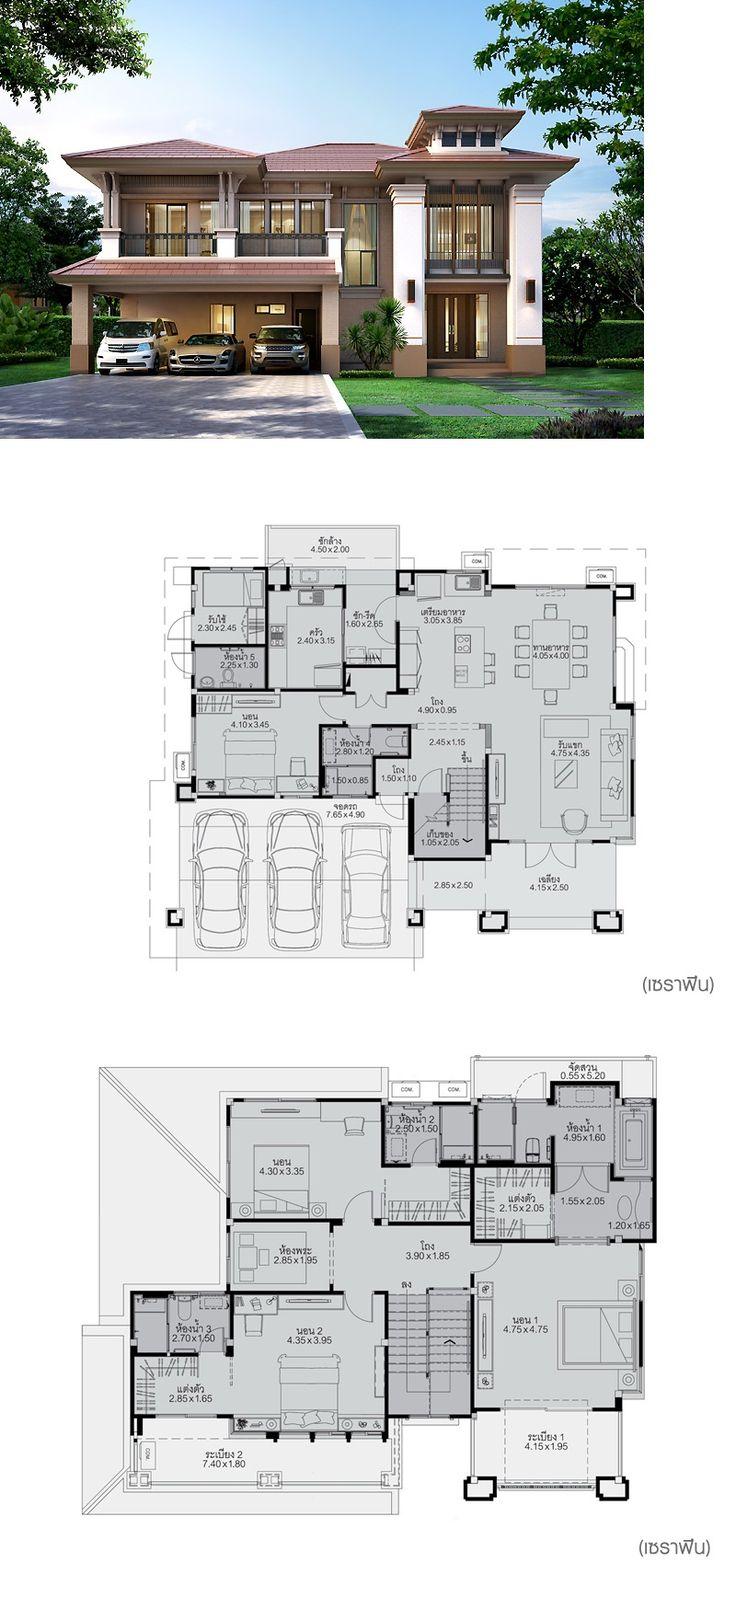 Moderne architektur moderne häuser traumhäuser haus design grundrisse haus pläne sims autocad fall